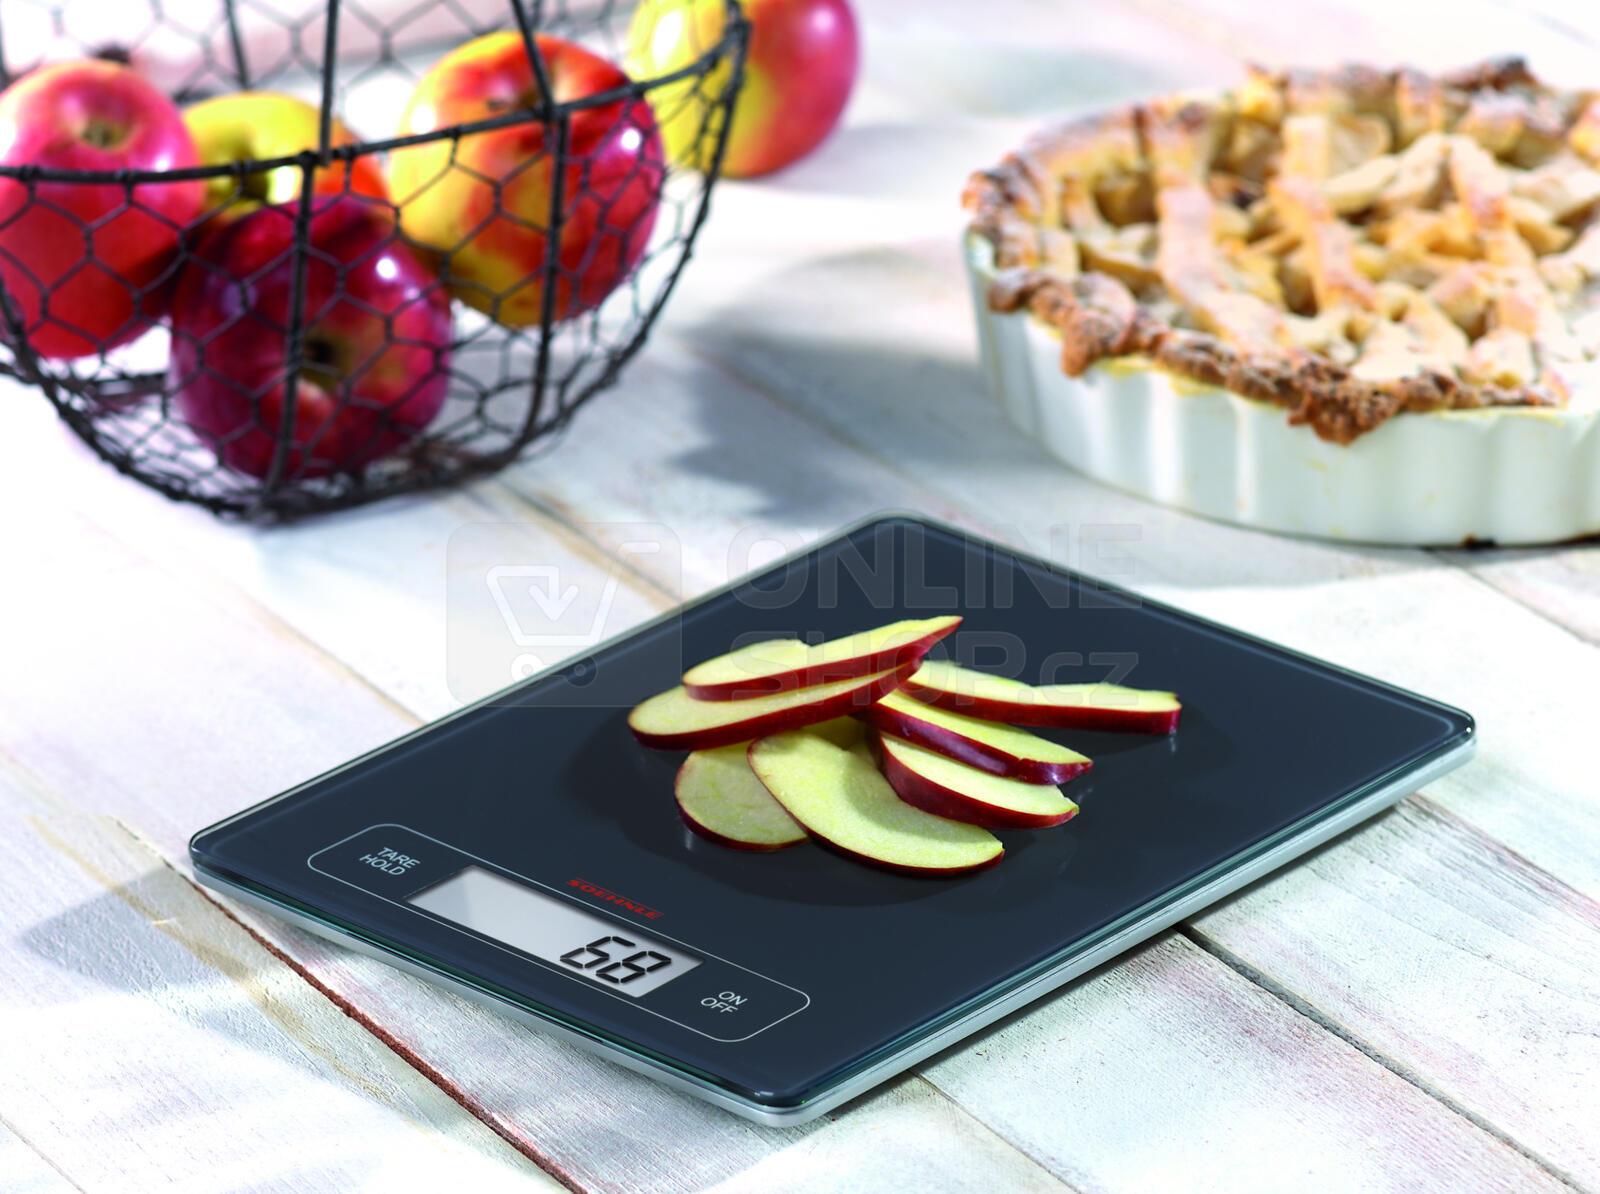 Kuchyňská váha Soehnle PAGE PROFI (67080)